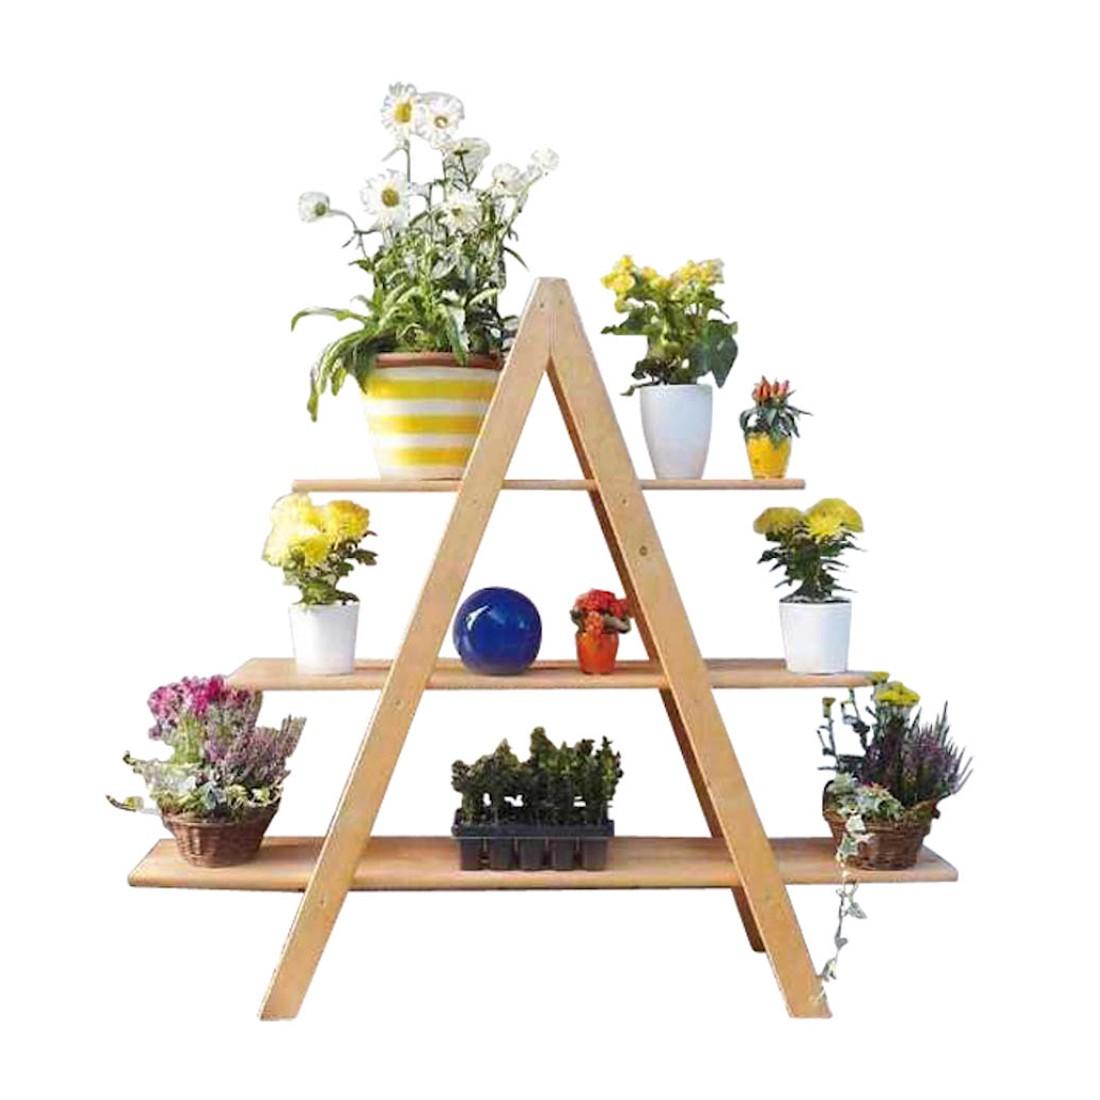 Blumenleiter Maxi – Kiefer/Massiv, Promex günstig kaufen